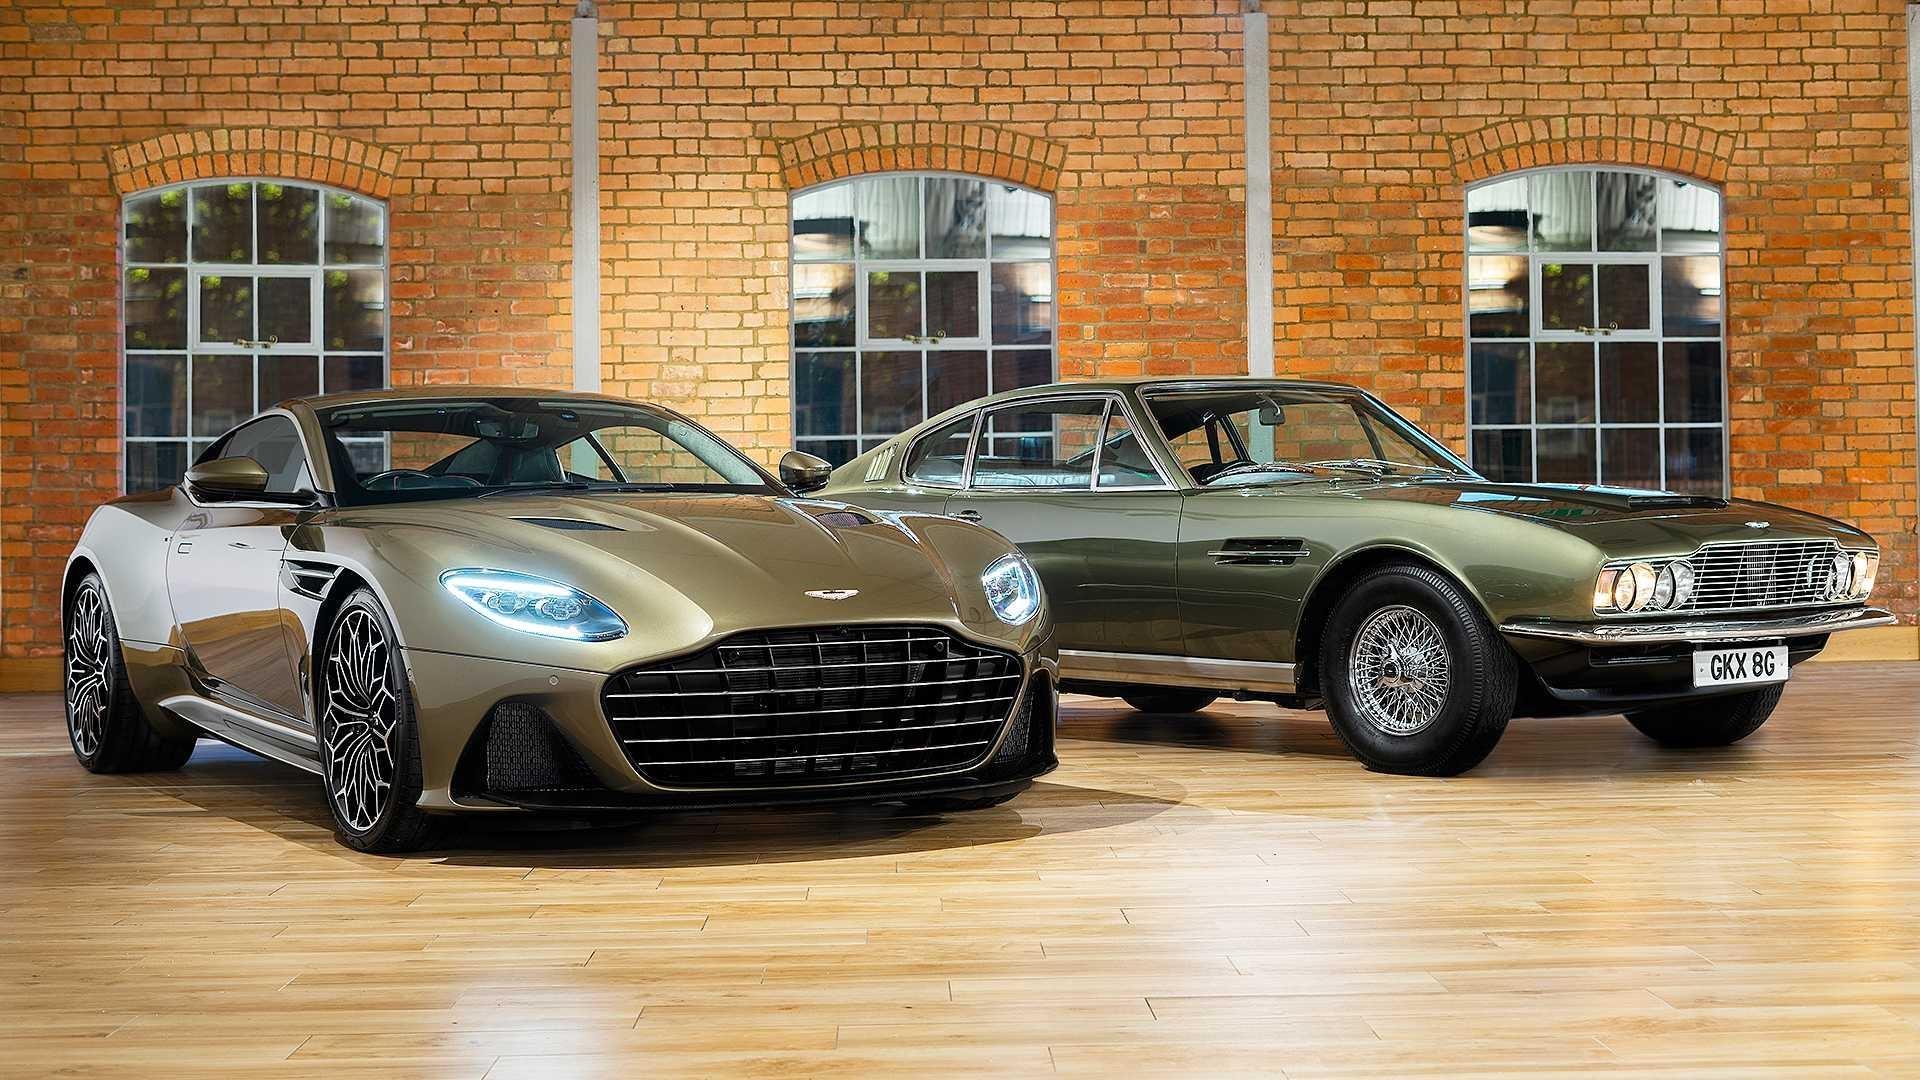 Xuyên suốt 24 phần của series phim điện ảnh kinh điển Điệp viên 007, James Bond và Aston Martin gần như đã trở thành hai cái tên không thể tách rời. Để kỷ niệm 50 năm phần phim thứ 6 - On Her Majesty's Secret Service - ra mắt công chúng, hãng siêu xe Anh quốc vừa giới thiệu phiên bản tri ân của chiếc DBS Superleggera 2019 lấy tên từ chính chàng điệp viên hào hoa này.